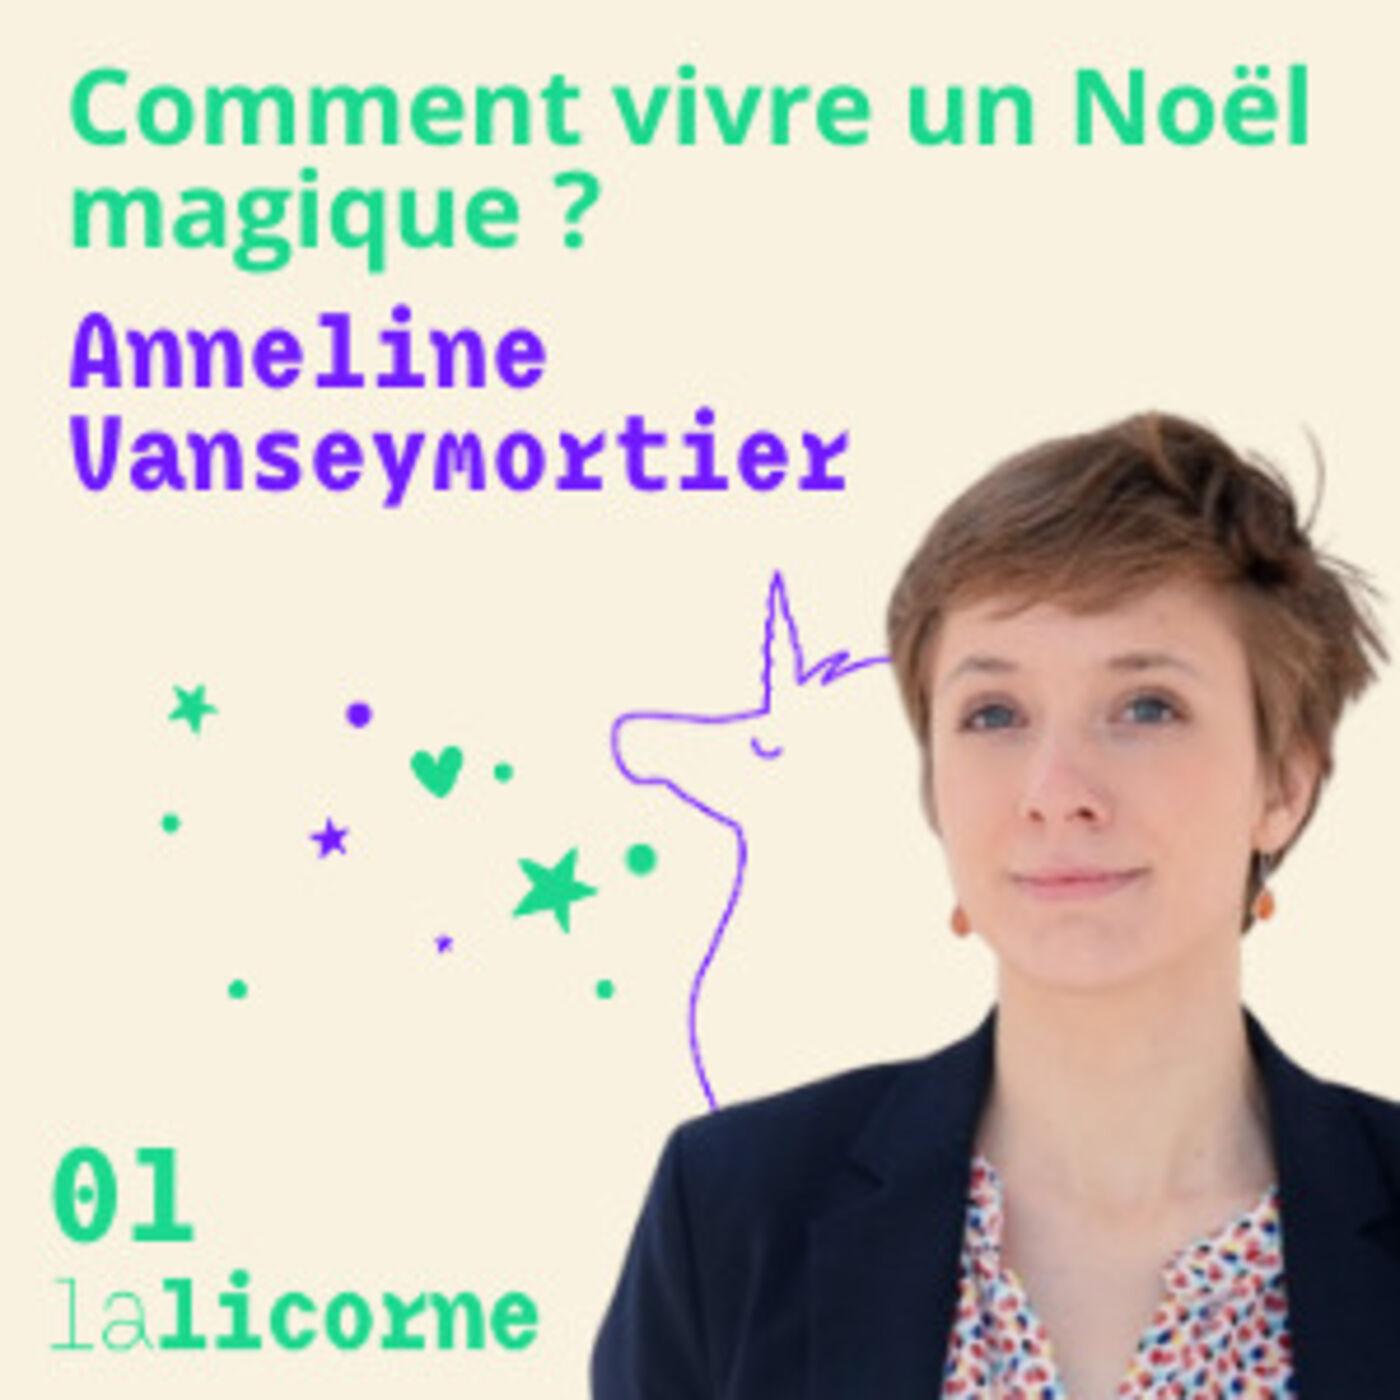 Episode 1 🎄 Anneline Vanseymortier - Comment vivre un Noël magique ?